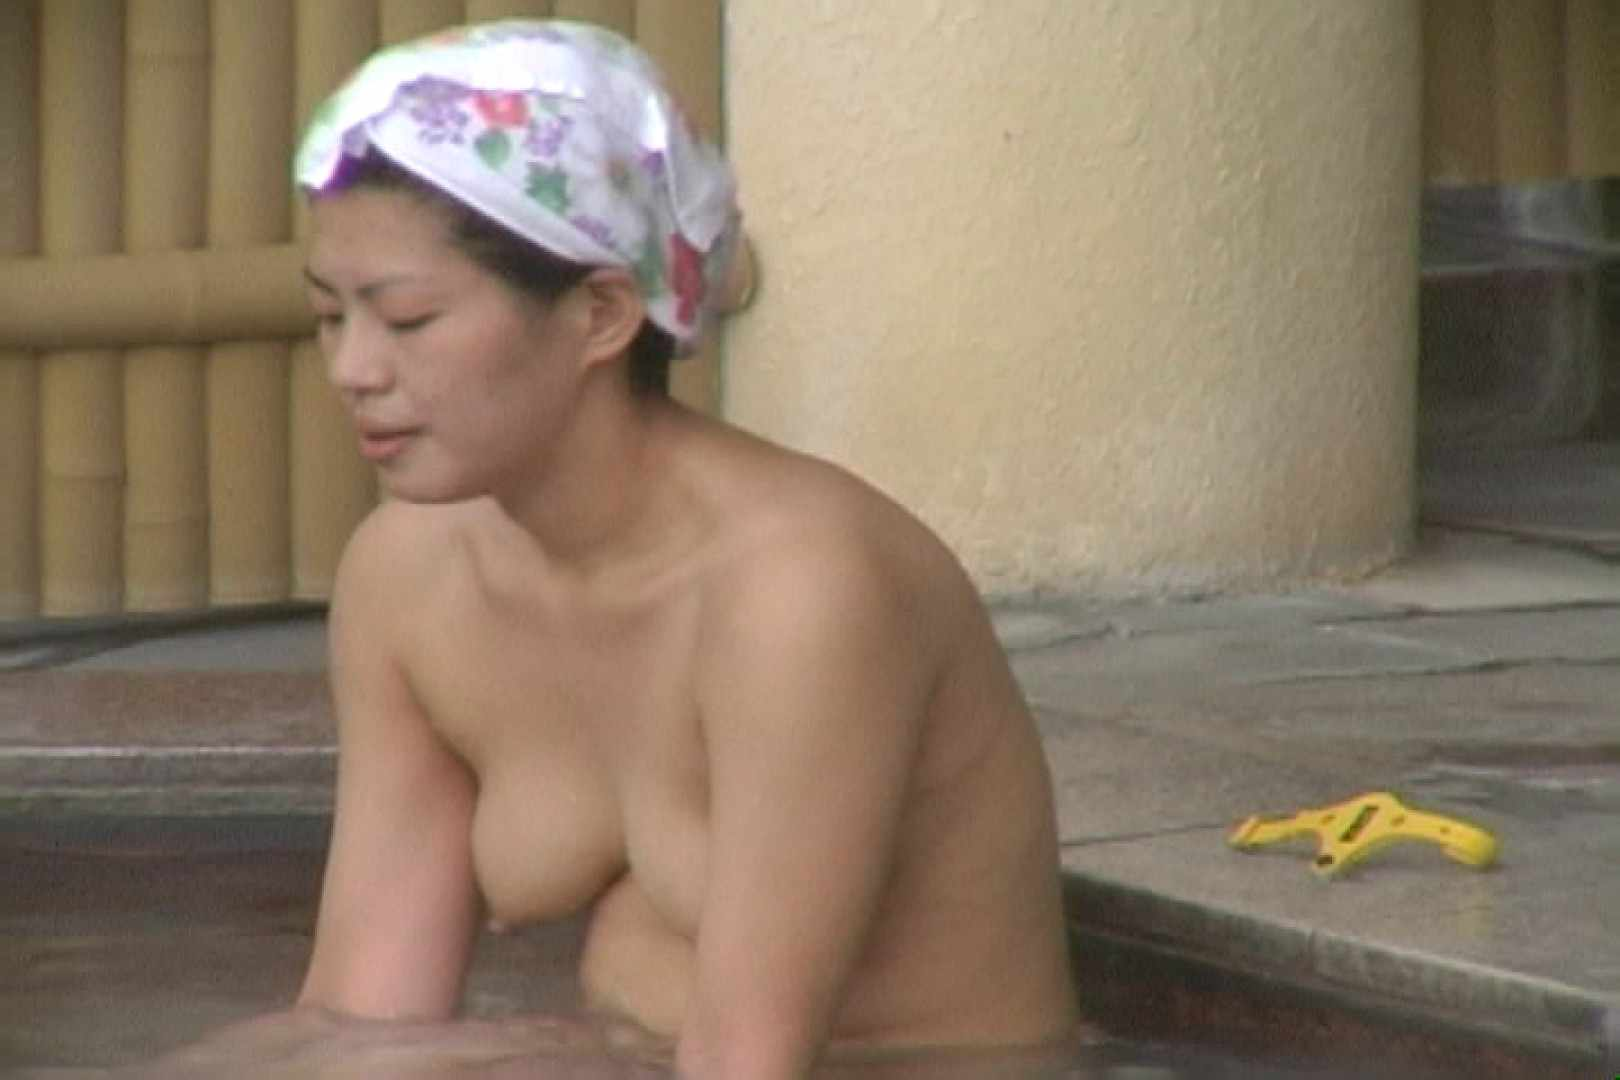 Aquaな露天風呂Vol.27【VIP】 盗撮   OLのエロ生活  101連発 88